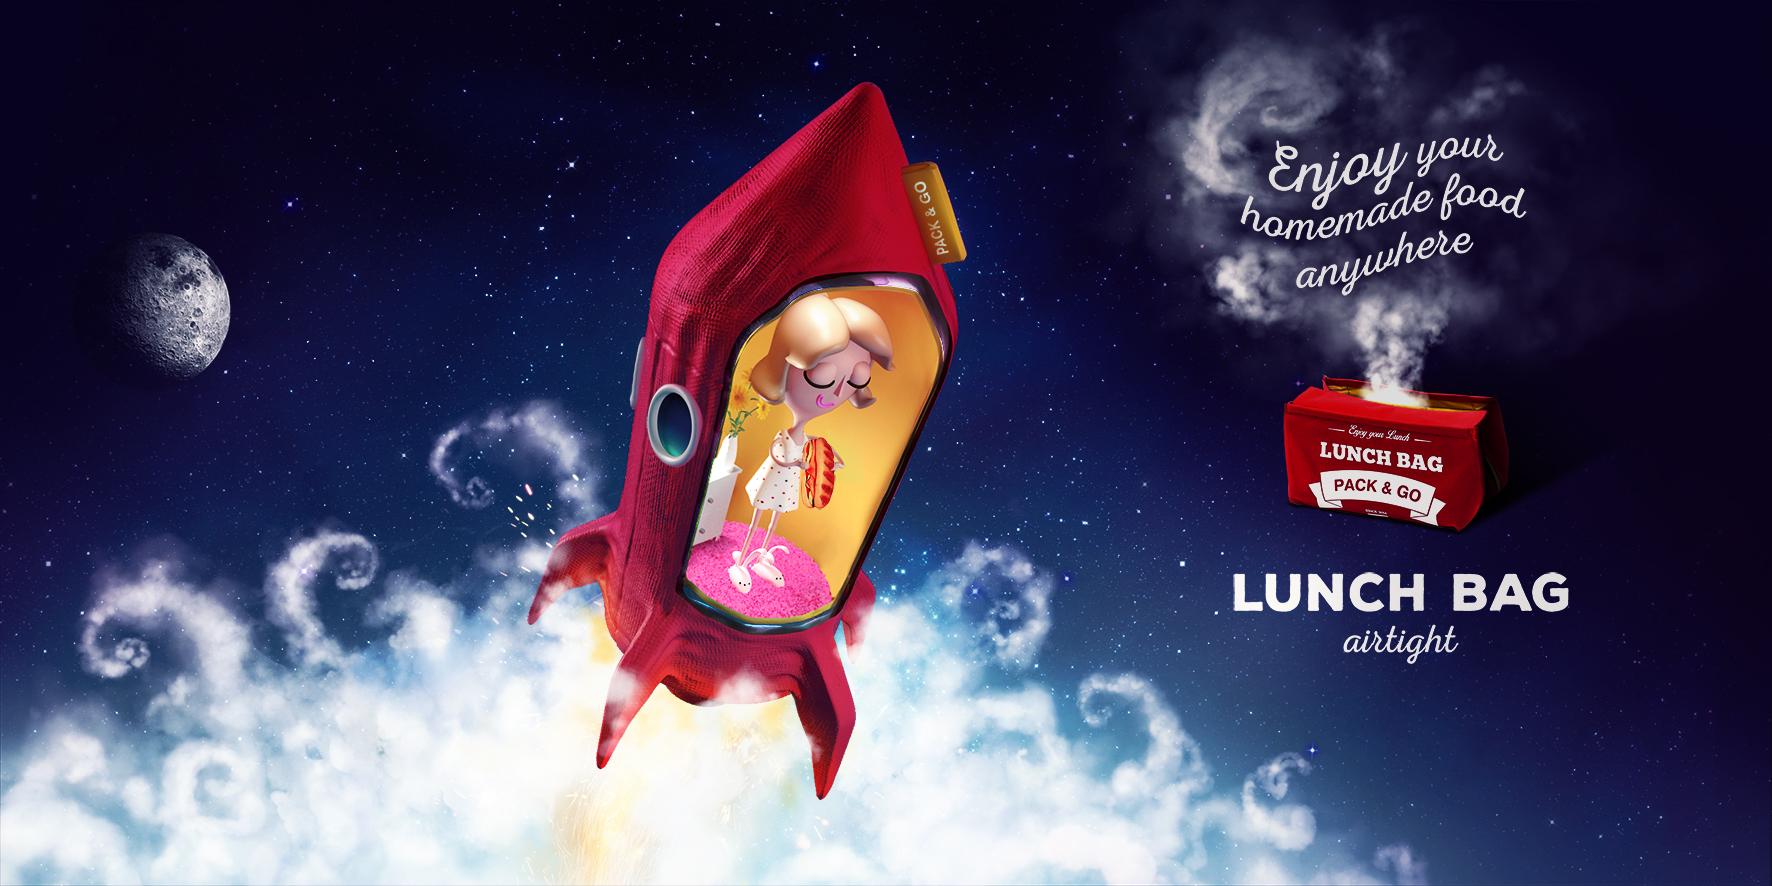 """Печатная реклама """"Lunch Bag airtight in Space"""", агентство: Provid"""